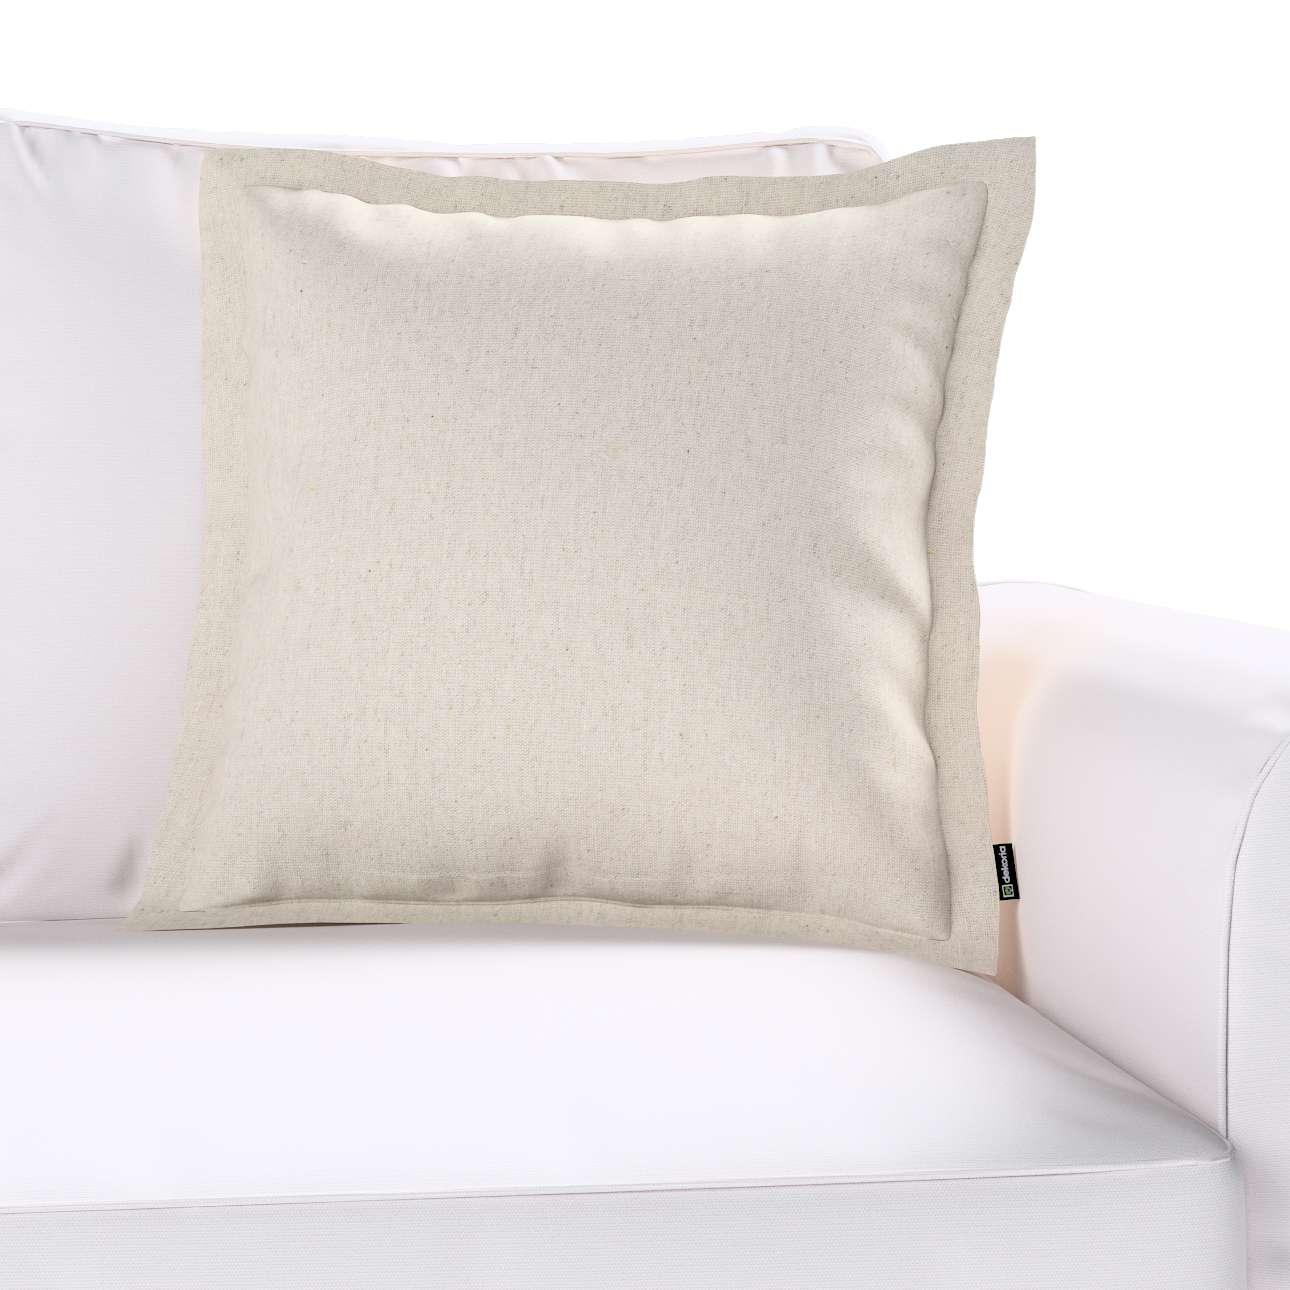 Poszewka Mona na poduszkę w kolekcji Loneta, tkanina: 133-65